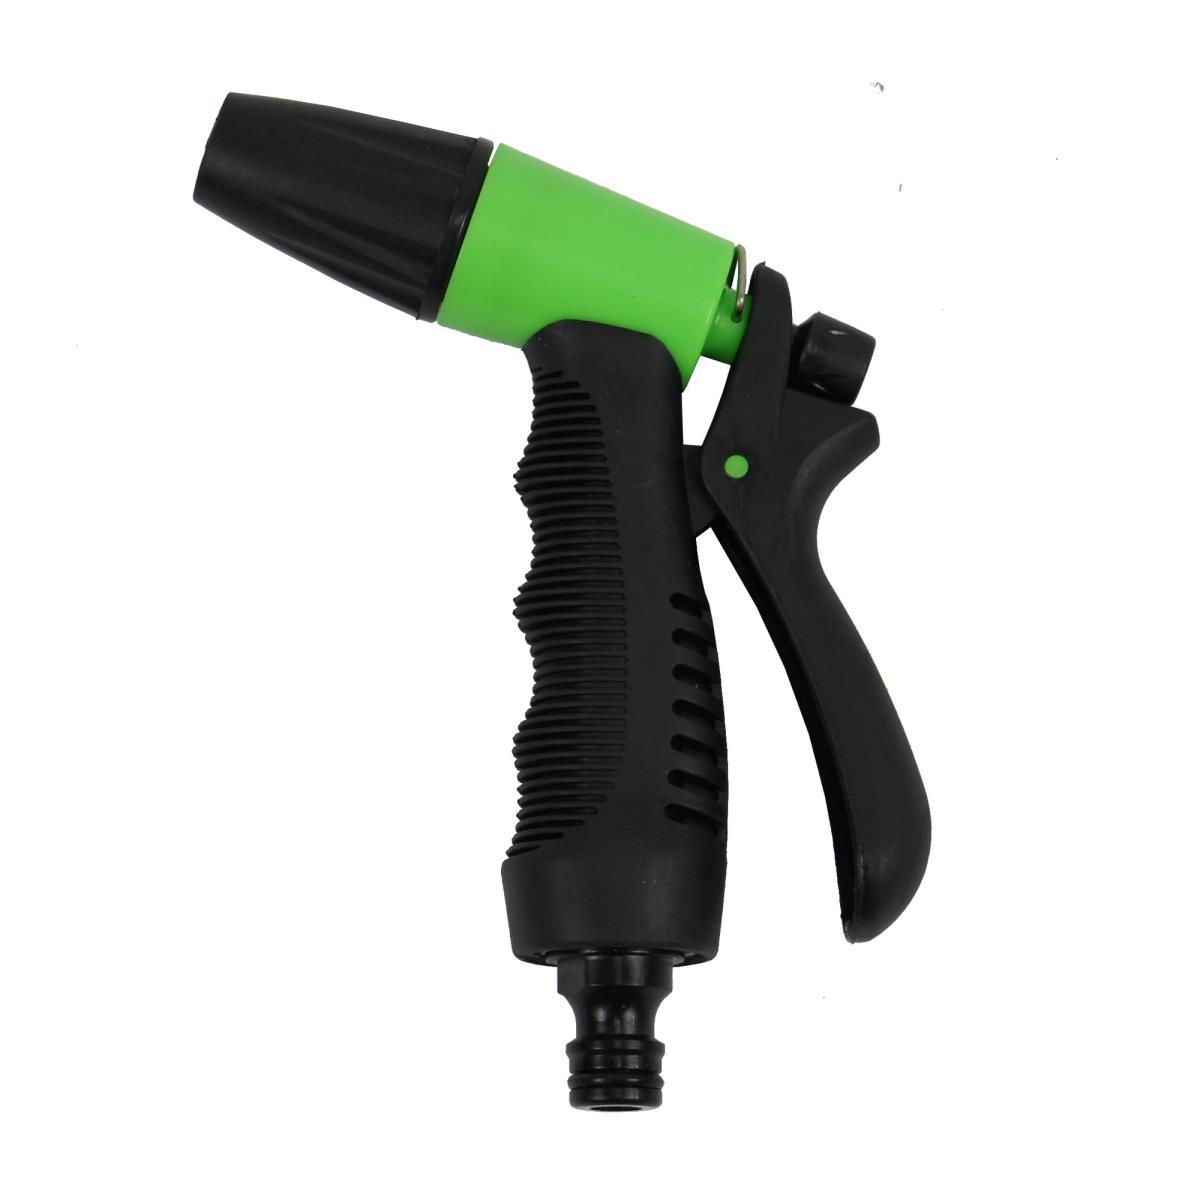 Gartenschlauch Einfacher Pistolensprenger Steckkupplung Stecksystem für Garten,OKKO,YM7208, 4772013035510